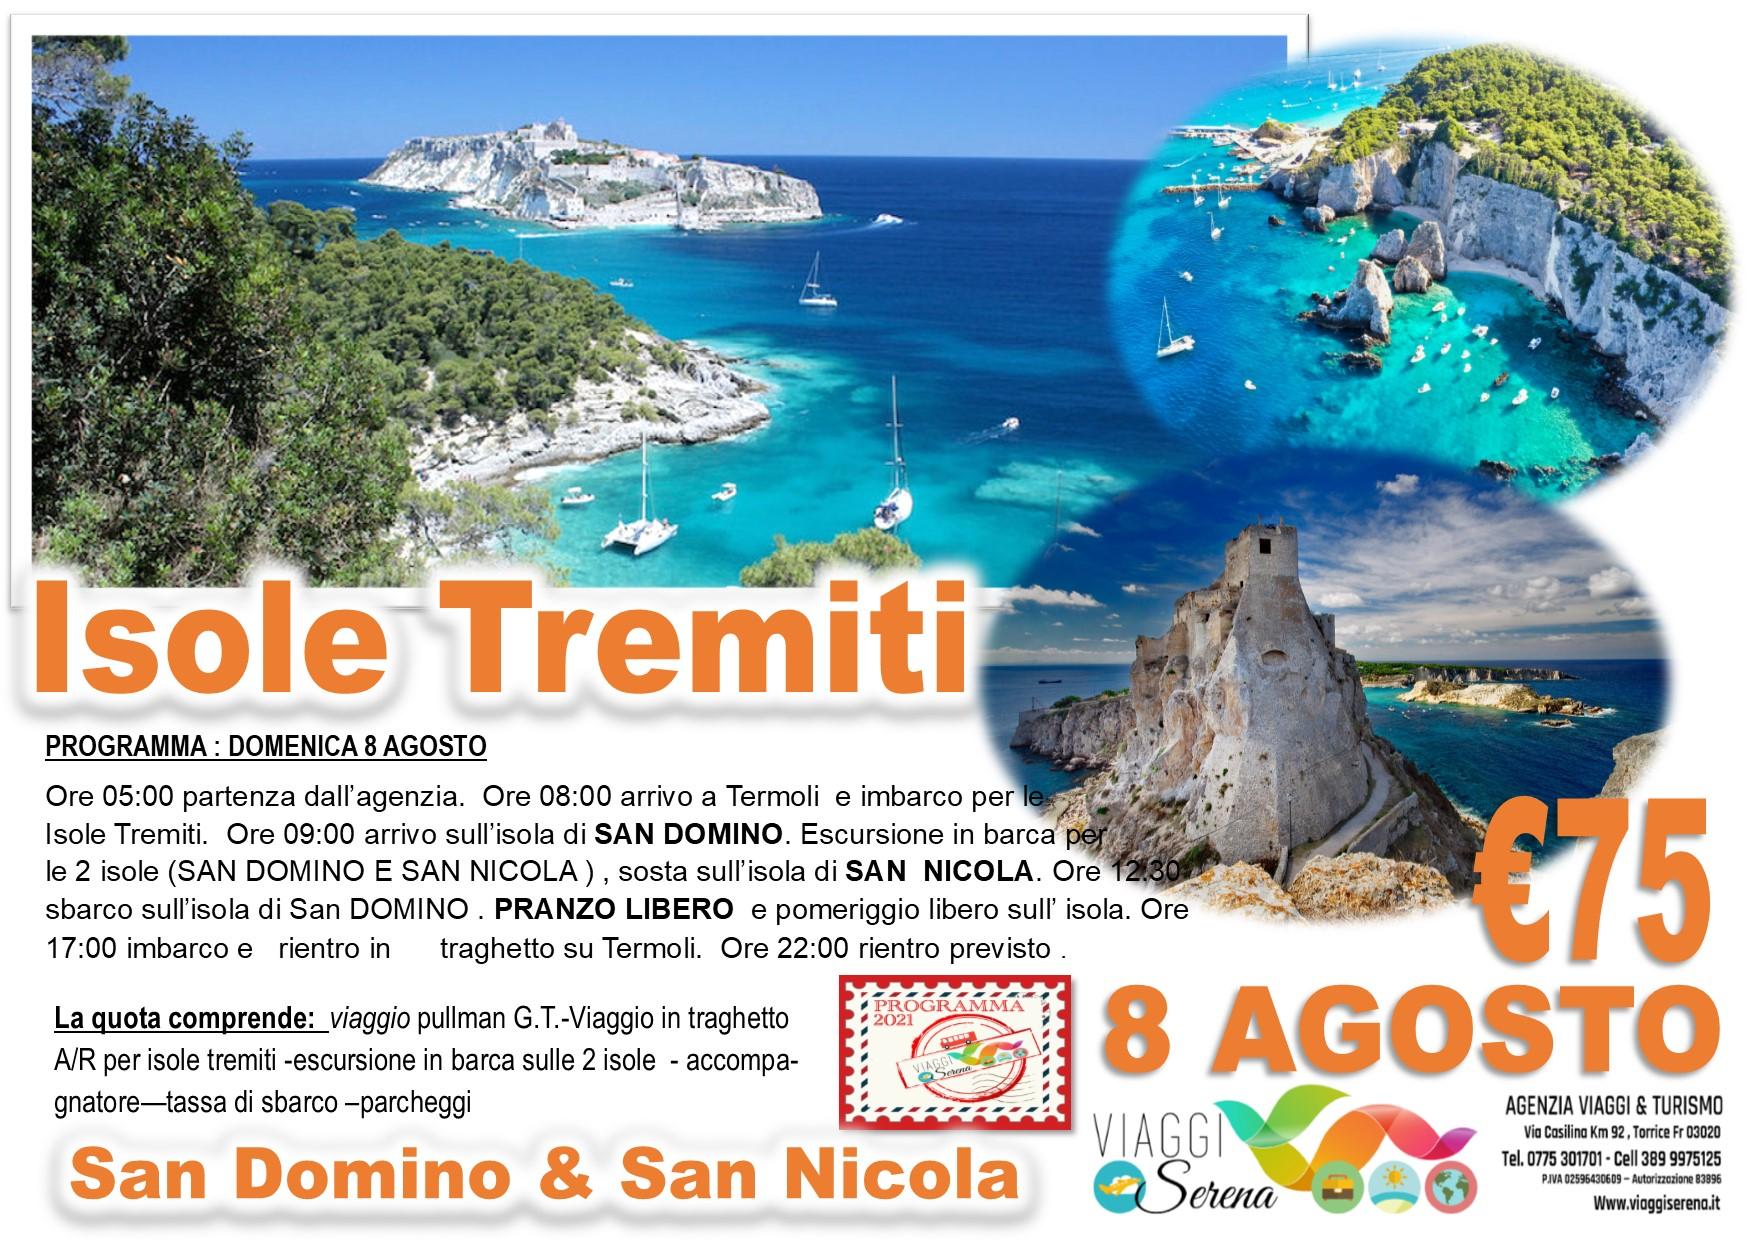 """Viaggi di Gruppo: Isole Tremiti """"Isola di San Domino & Isola di San Nicola"""" 8 Agosto € 75,00"""